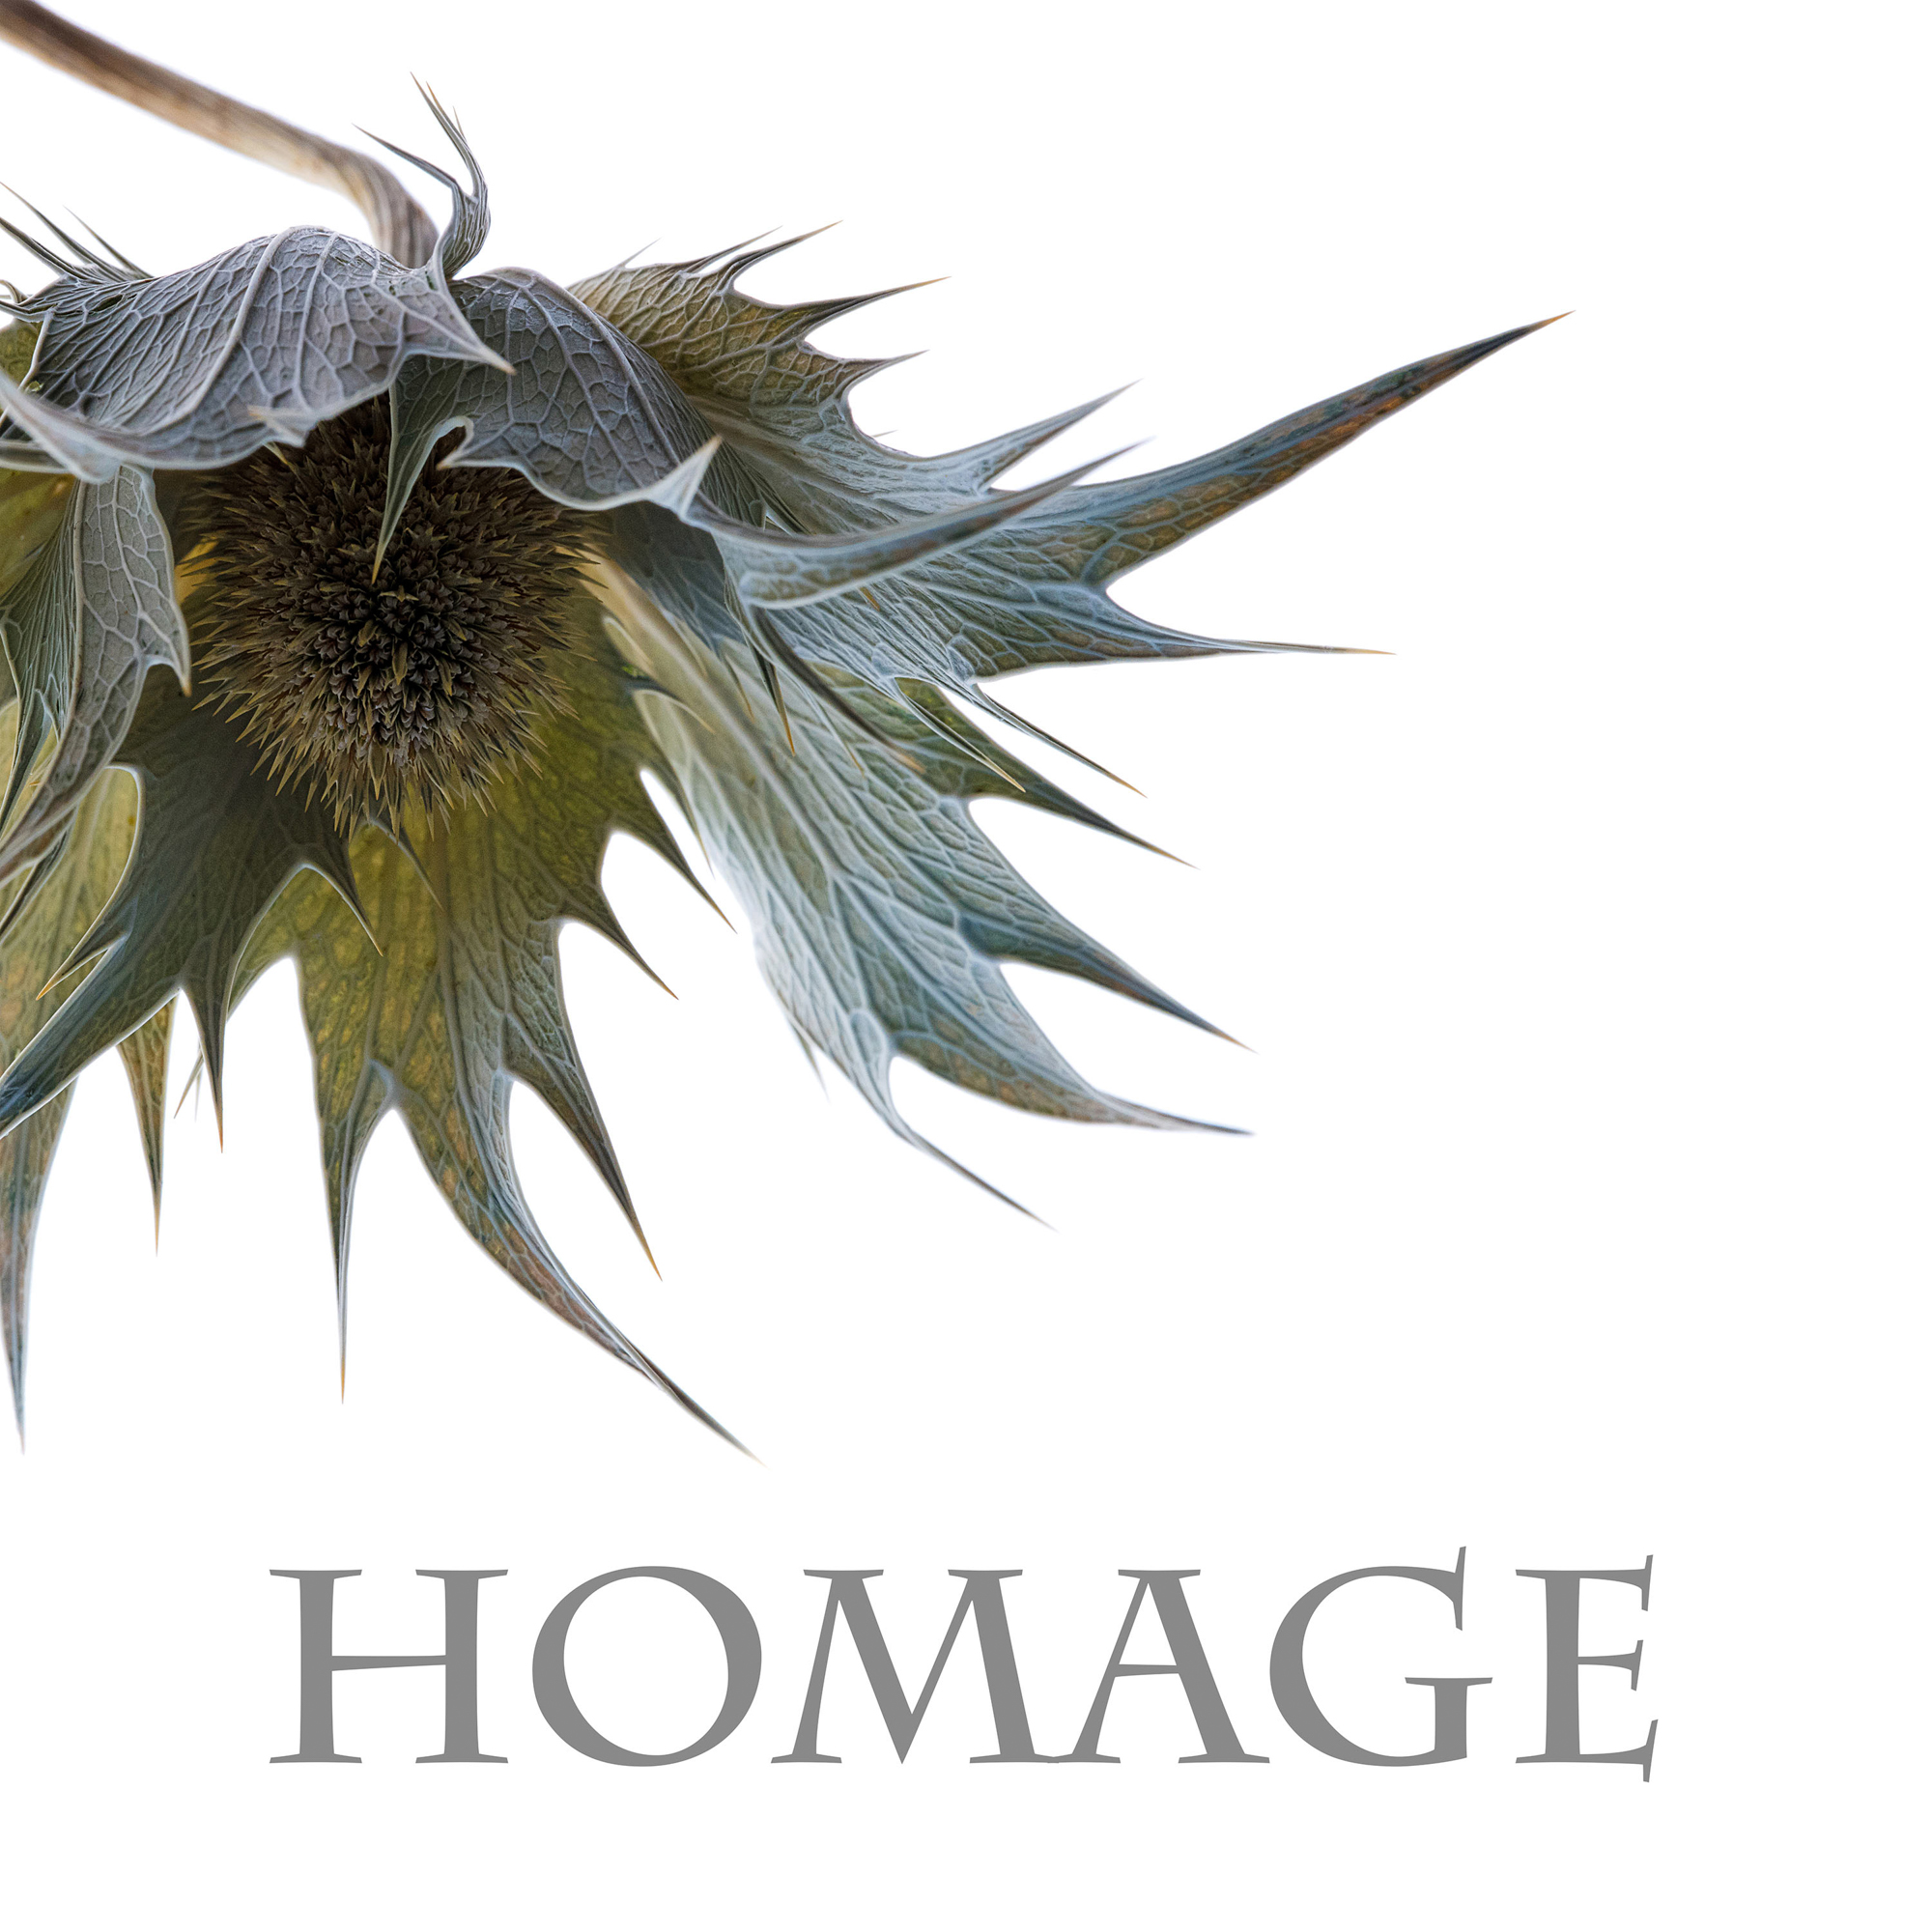 Silver-Homage_CattanachC_Book1.jpg